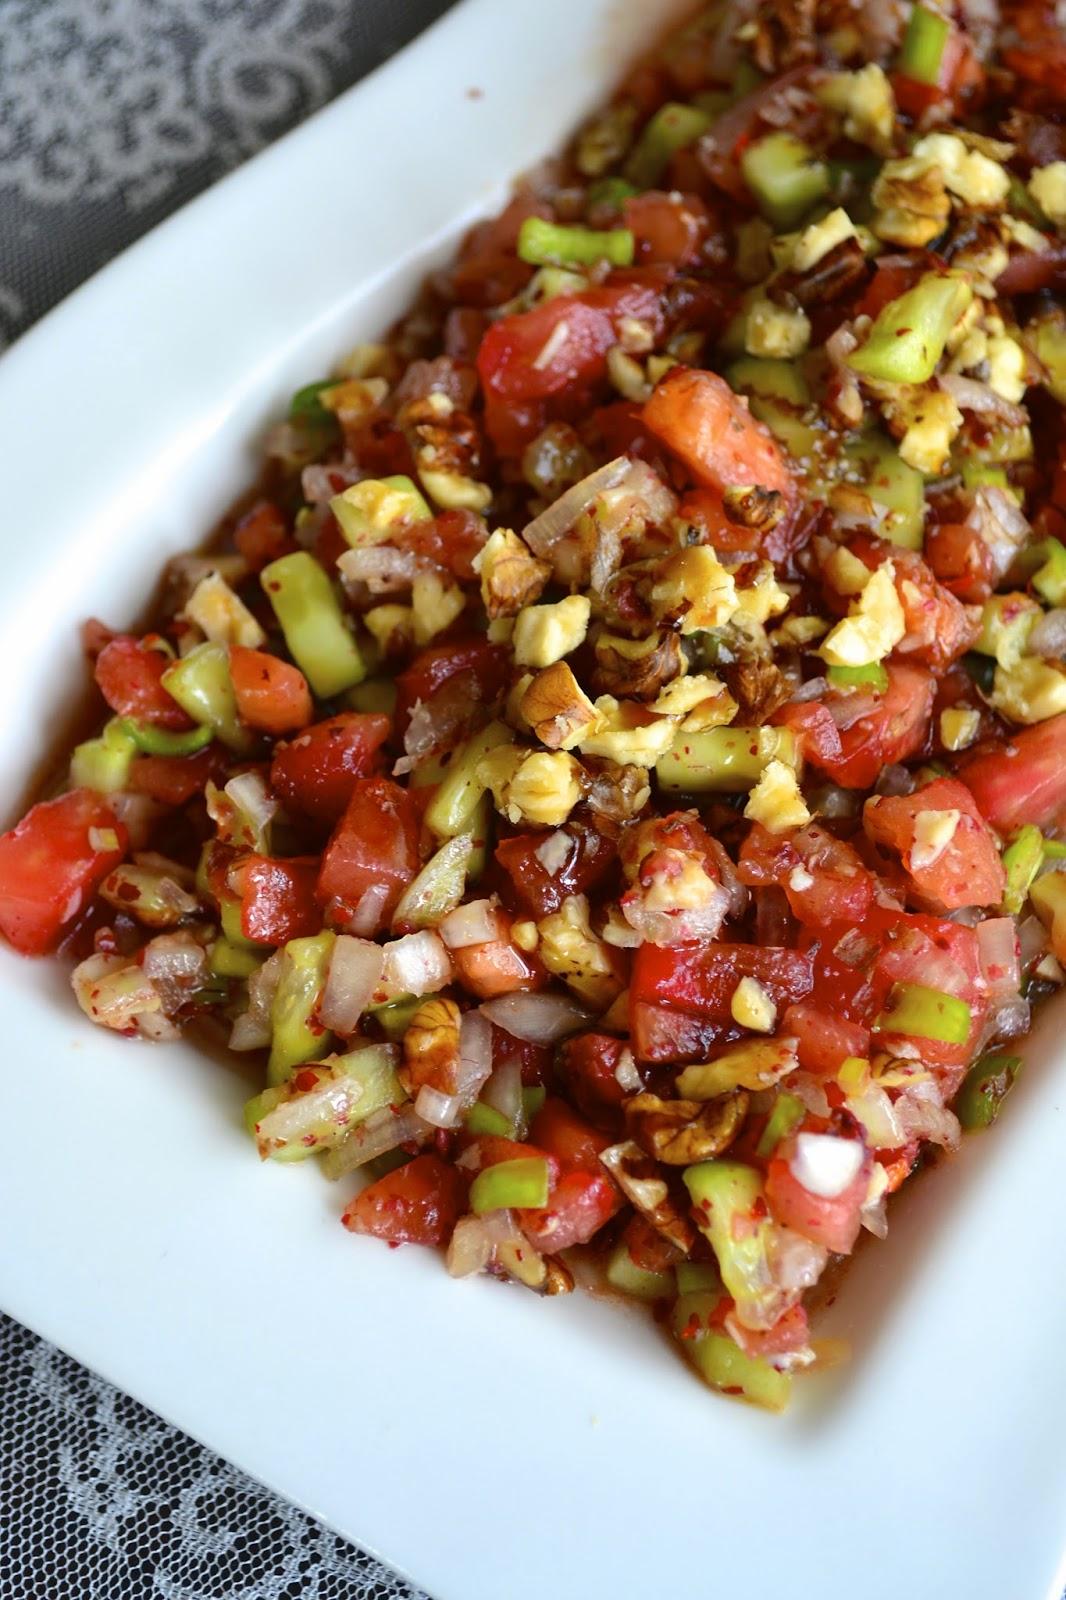 gavurdagi salatasi 1